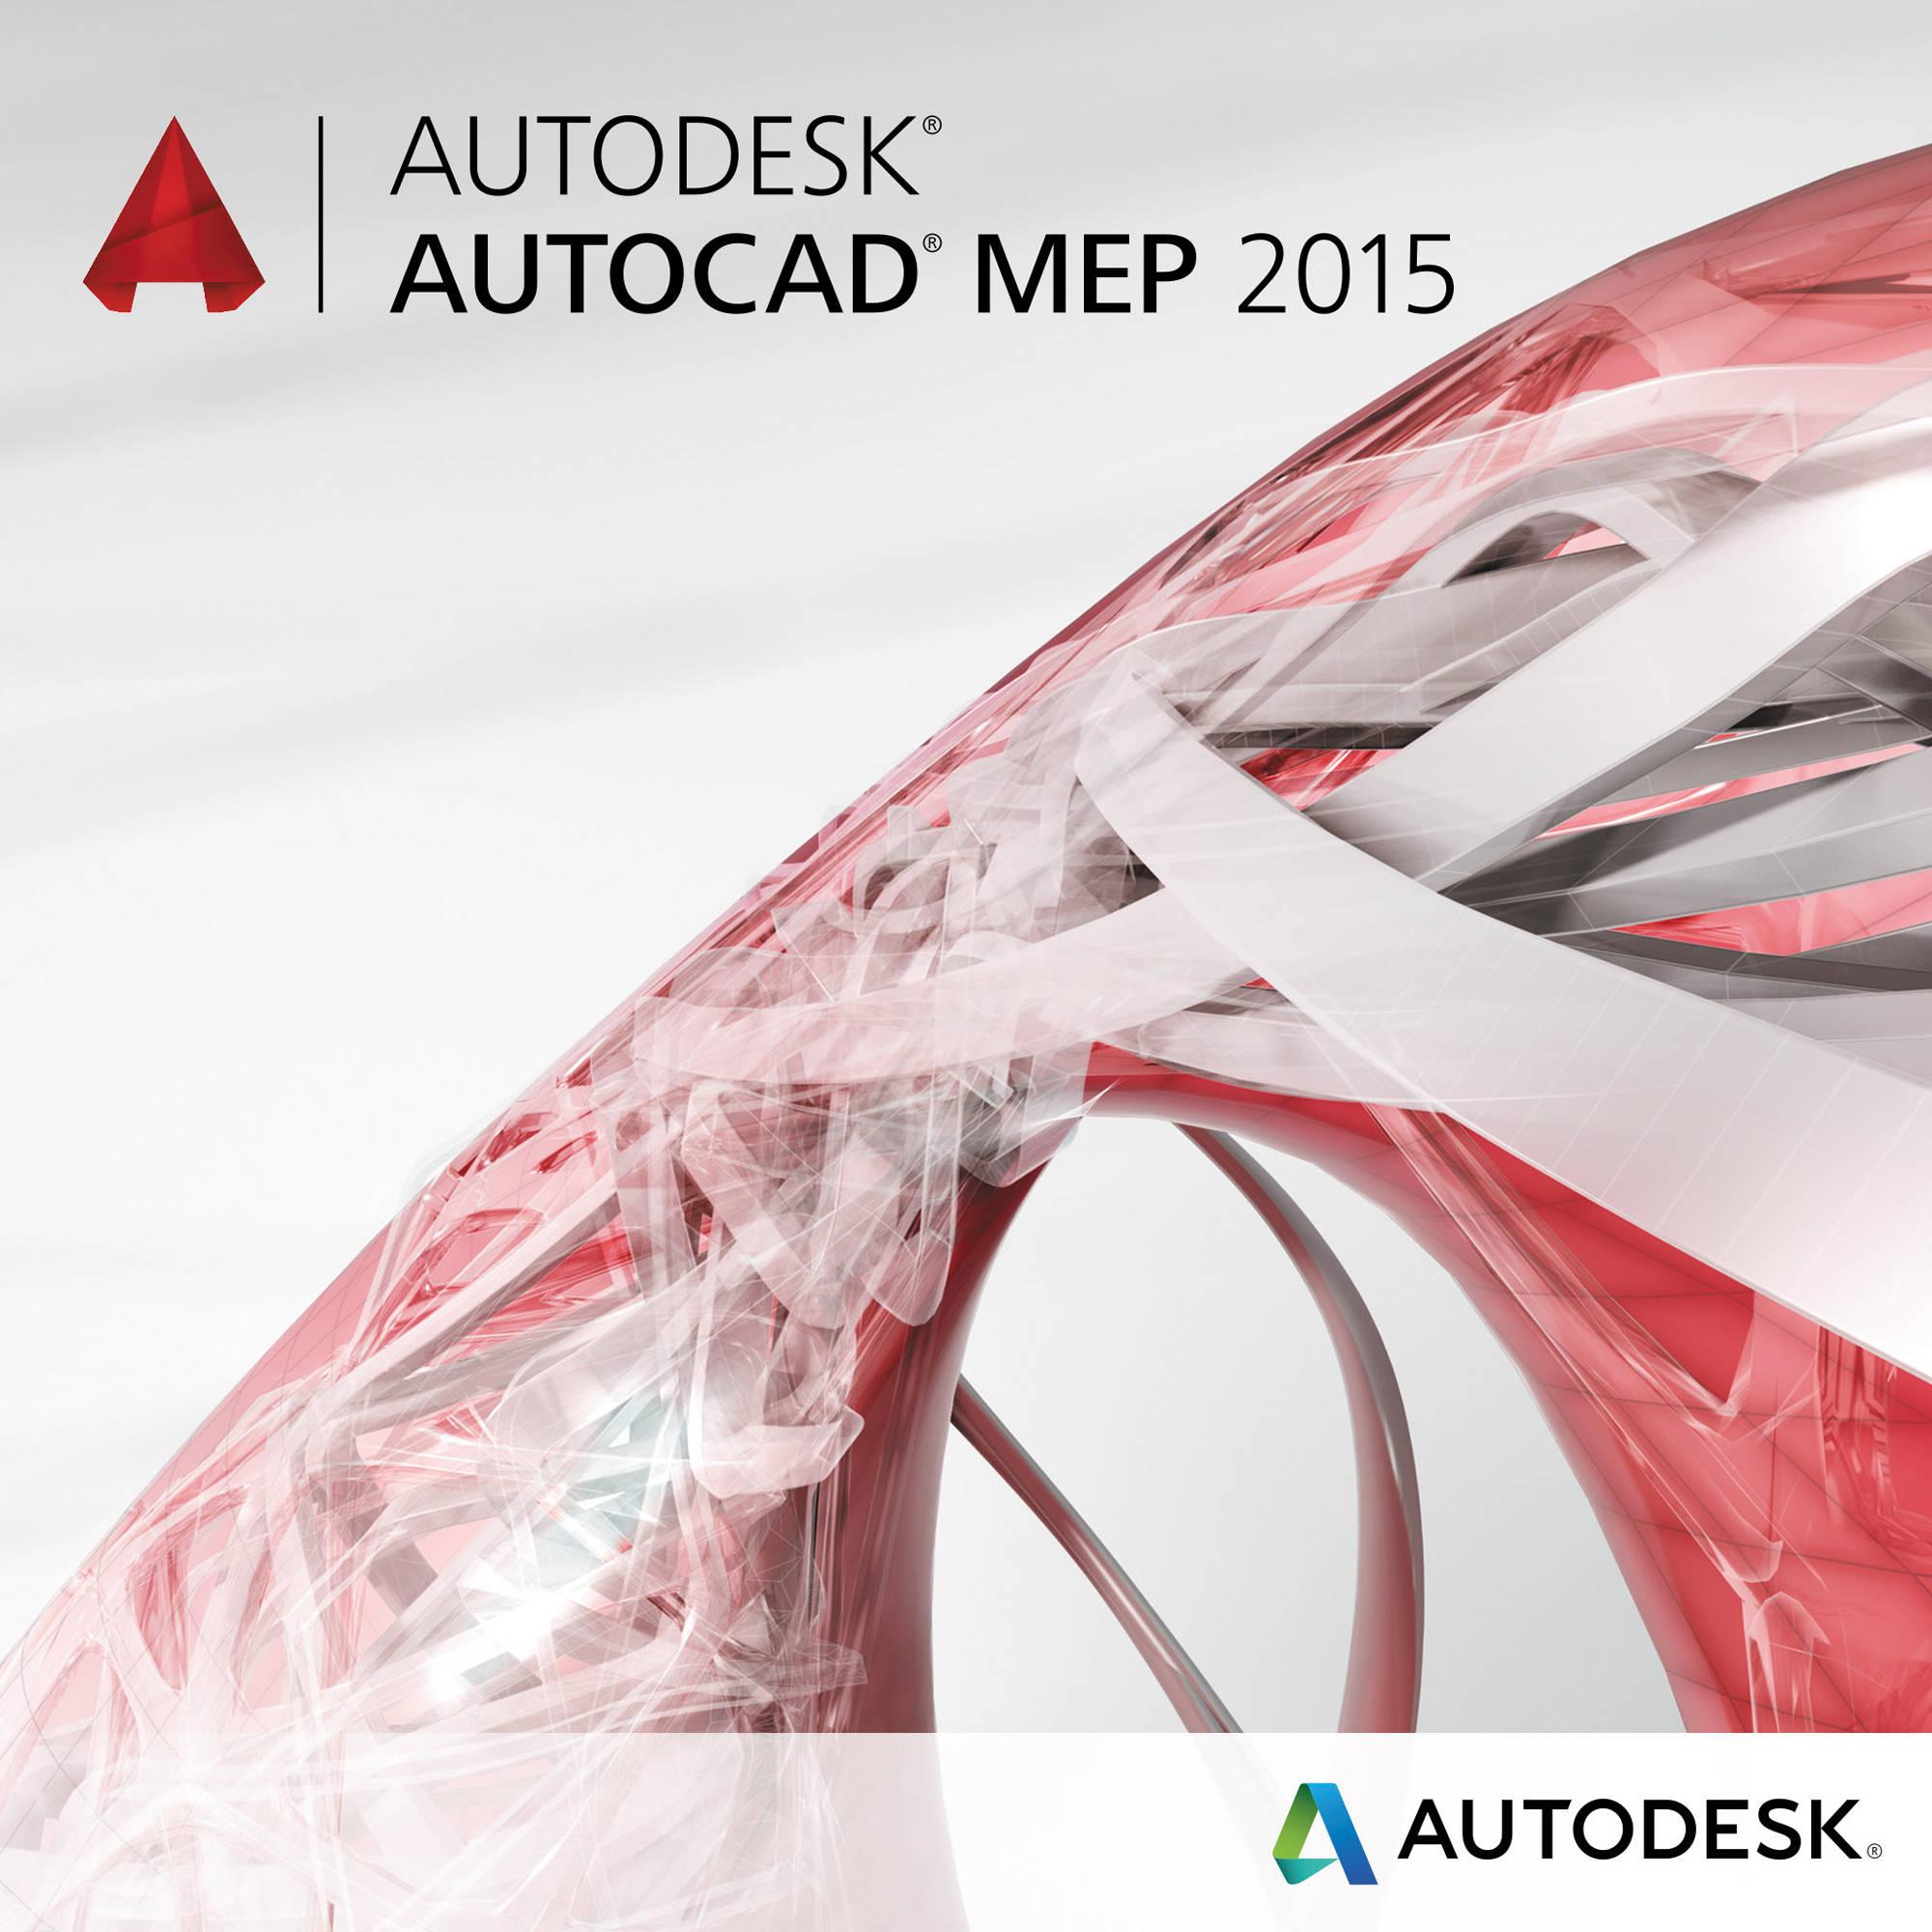 Autodesk autocad mep 2015 low price